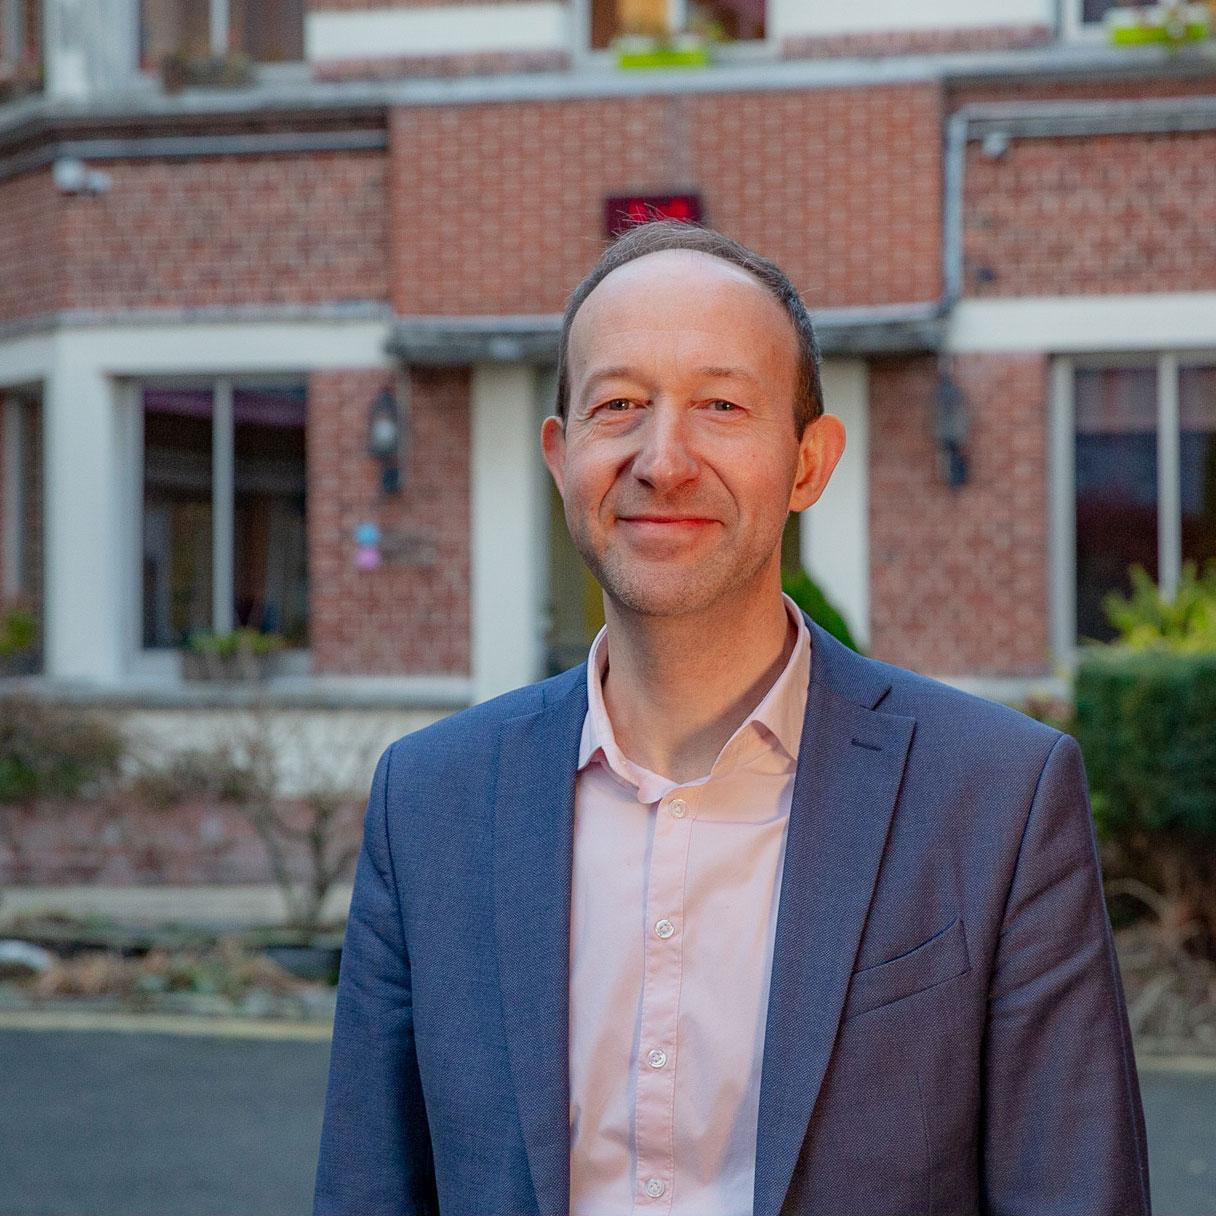 Jean-Marc D'Hooren